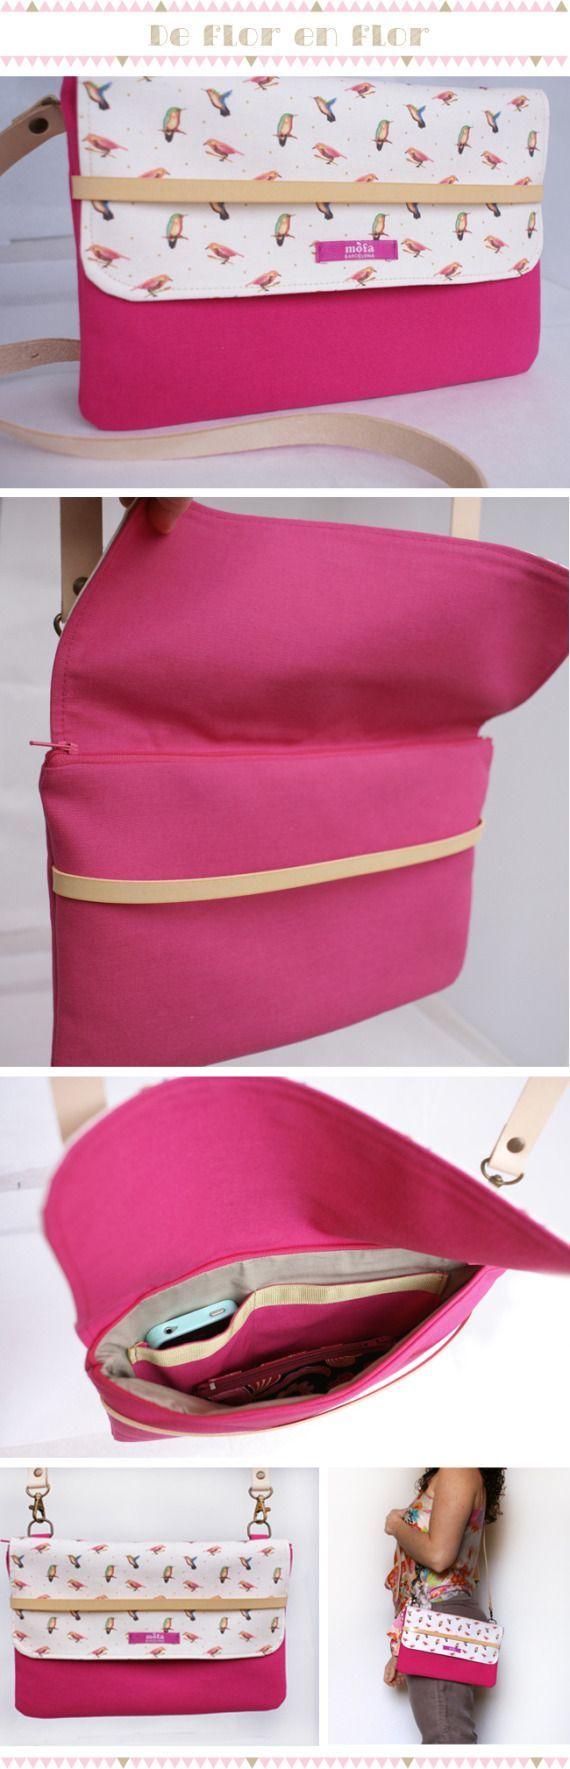 .Une jolie sacoche avec des couleurs girly